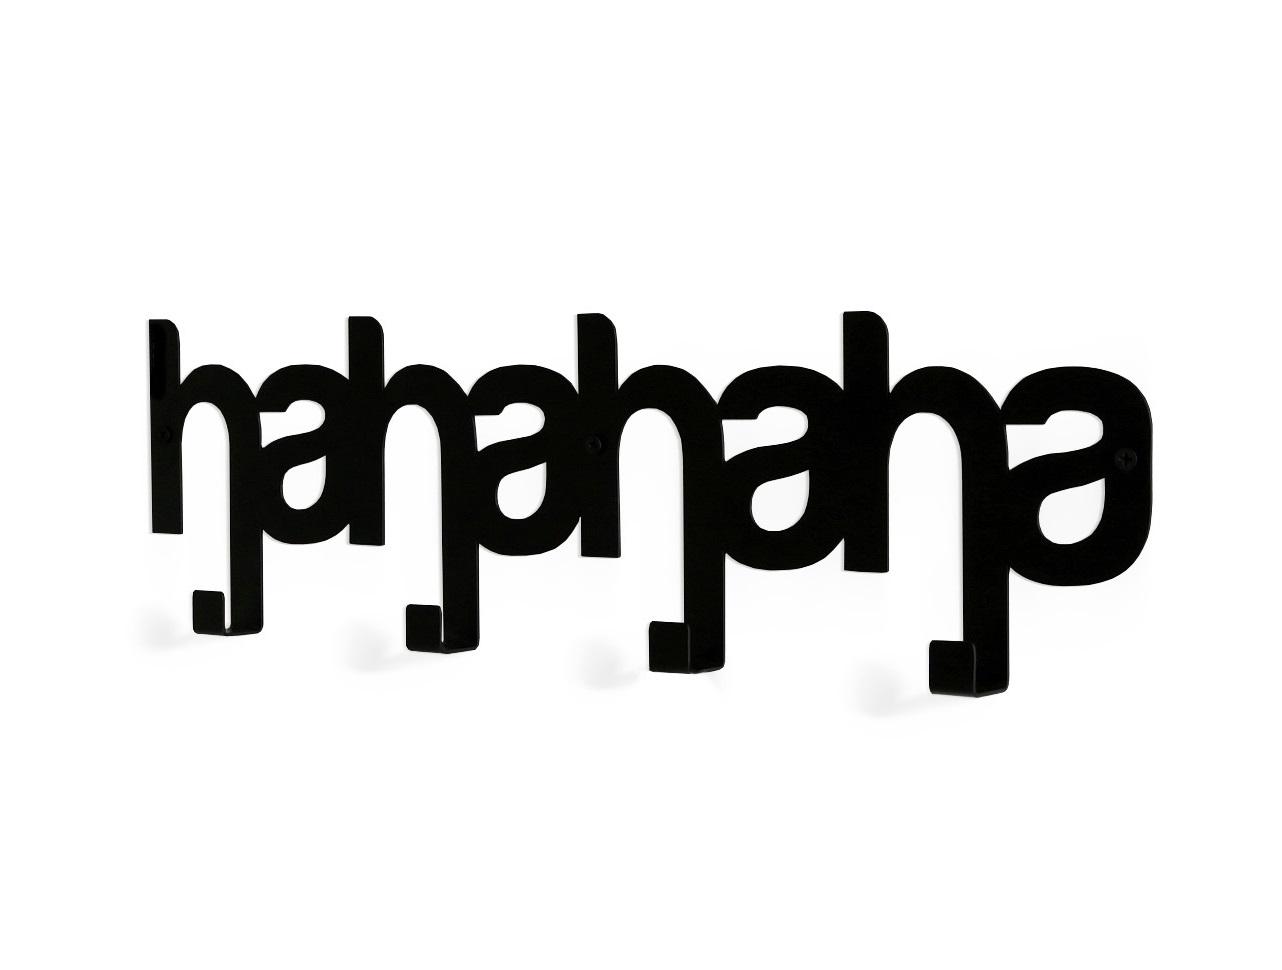 Вешалка HAHAHAВешалки<br>Вдохновением к созданию этого предмета интерьера, послужил виртуальный язык социальных сетей, которым ежедневно пользуются <br>миллионы людей, вне зависимости от возраста или национальности.<br>Такой предмет интерьера послужит креативным дополнением интерьера <br>Вашей прихожей, а также детской комнаты.&amp;amp;nbsp;<br>Вешалка изготовлена из прочной стали, в различных цветовых решениях и легко крепится к стене с помощью обычных дюбелей.<br><br>Material: Сталь<br>Length см: None<br>Width см: 50<br>Depth см: 3<br>Height см: 16<br>Diameter см: None